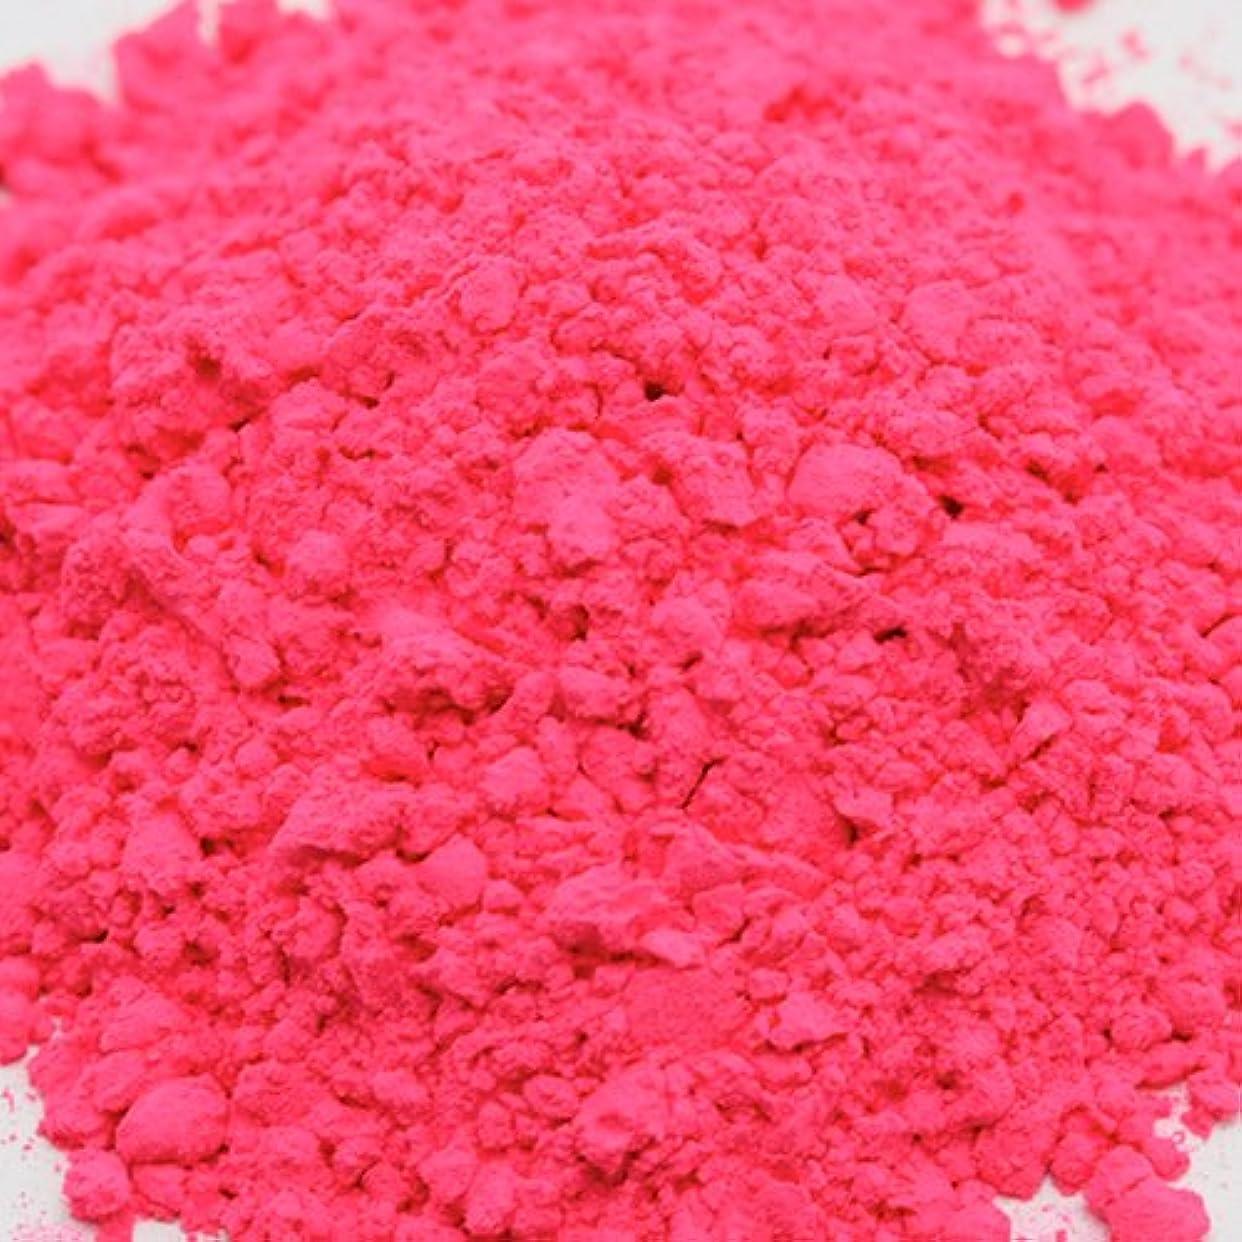 キャンディカラー ライトピンク 20g 【手作り石鹸/手作りコスメ/色付け/カラーラント】